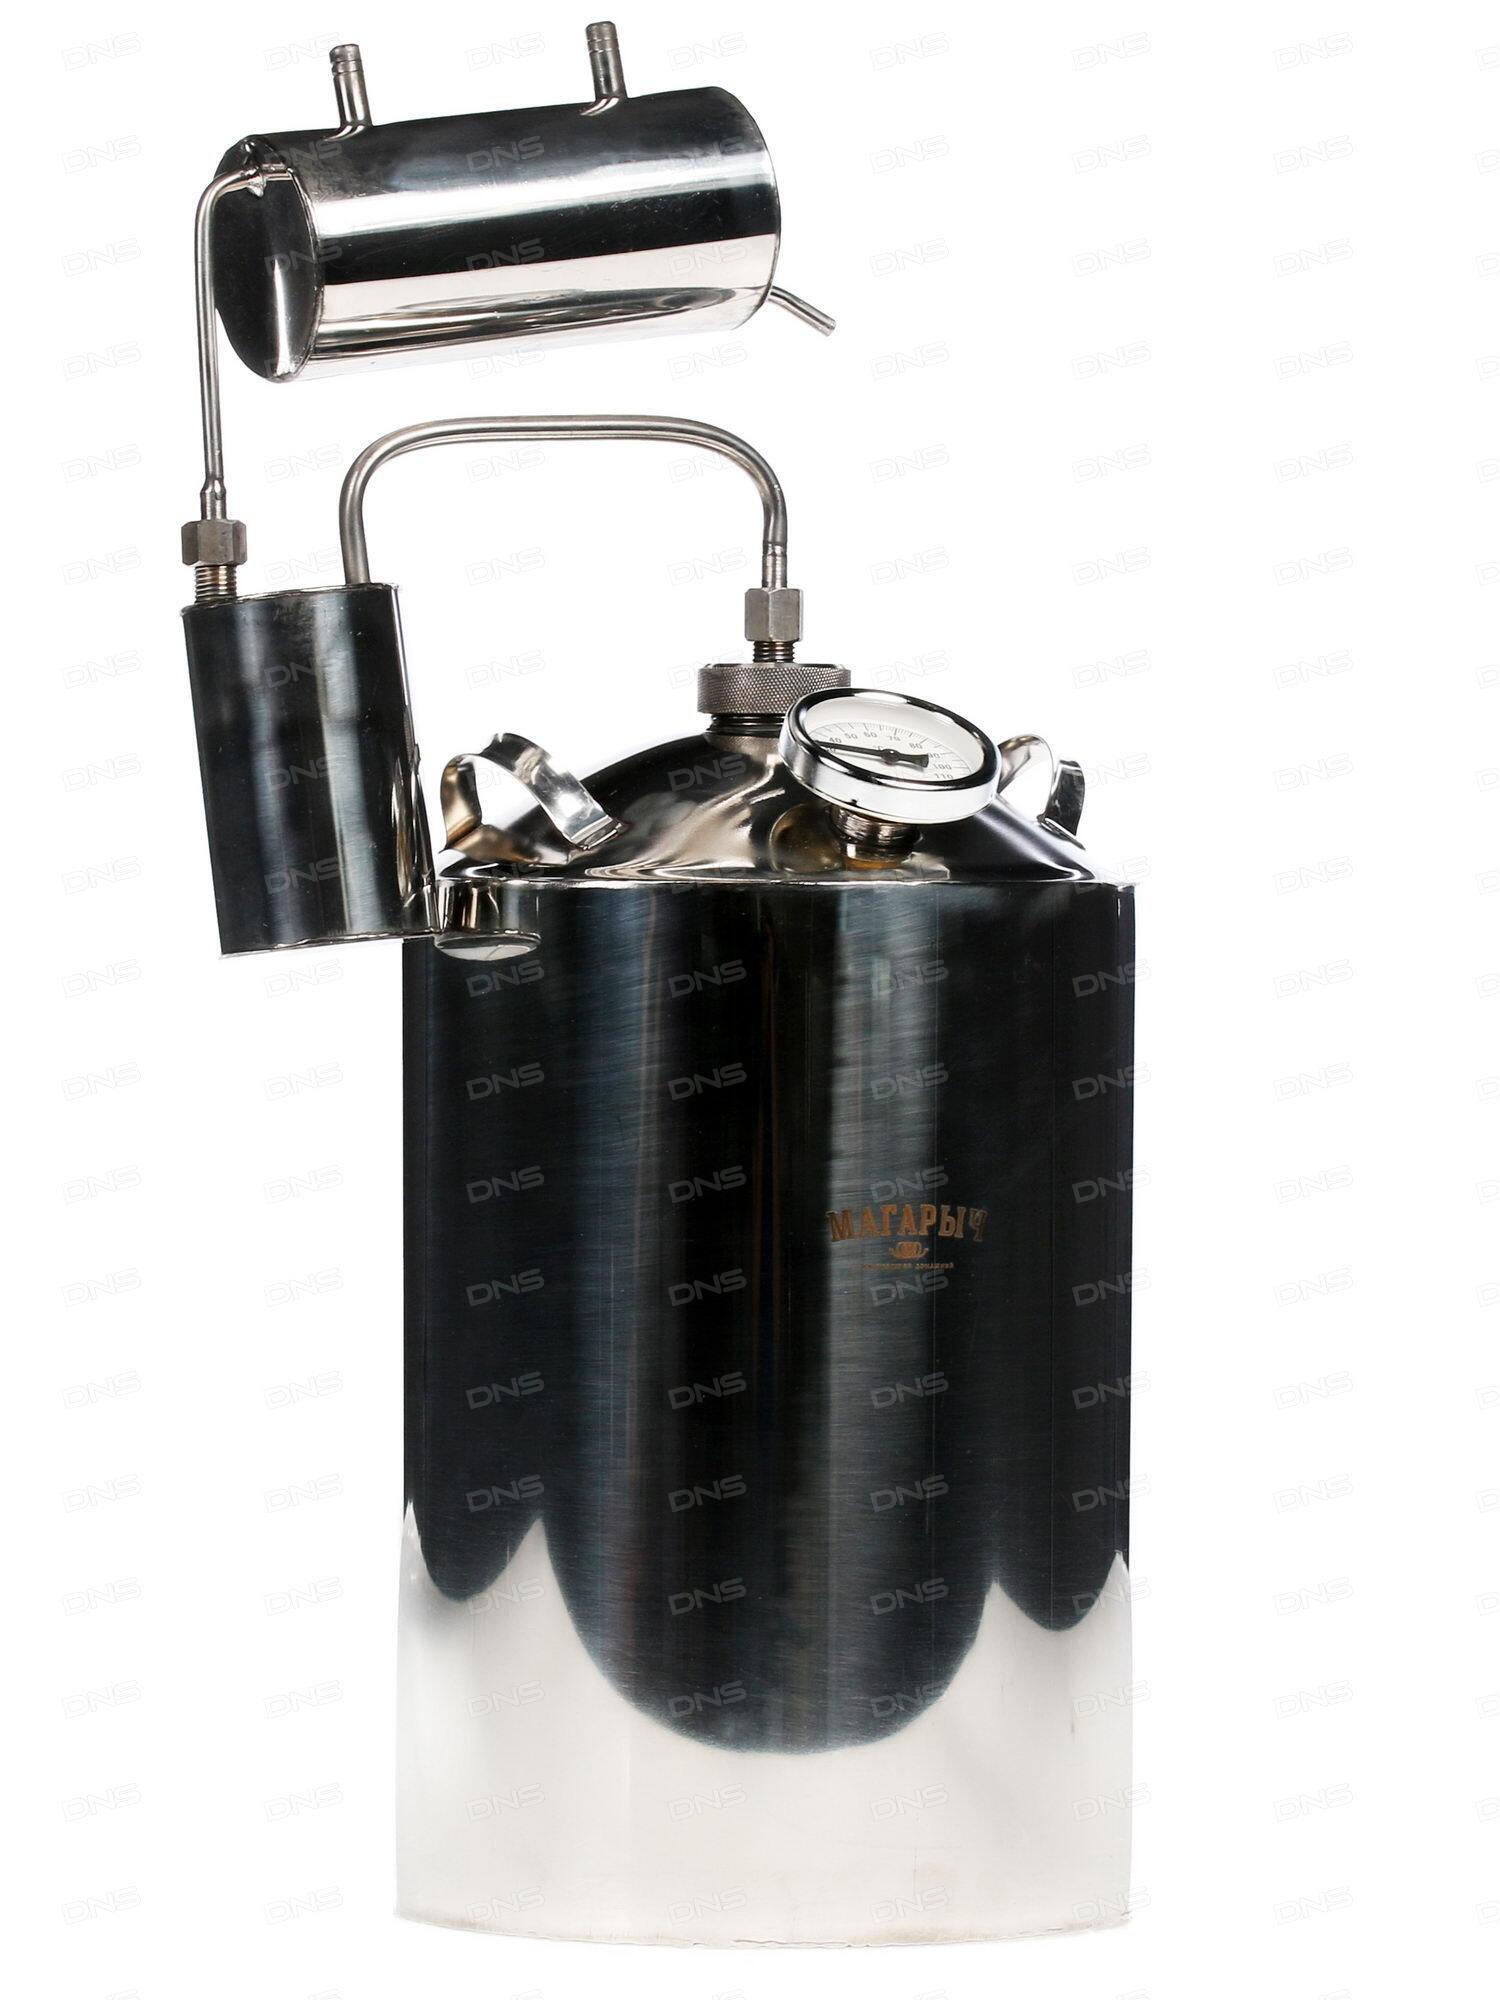 дистиллятор цена в интернет магазине